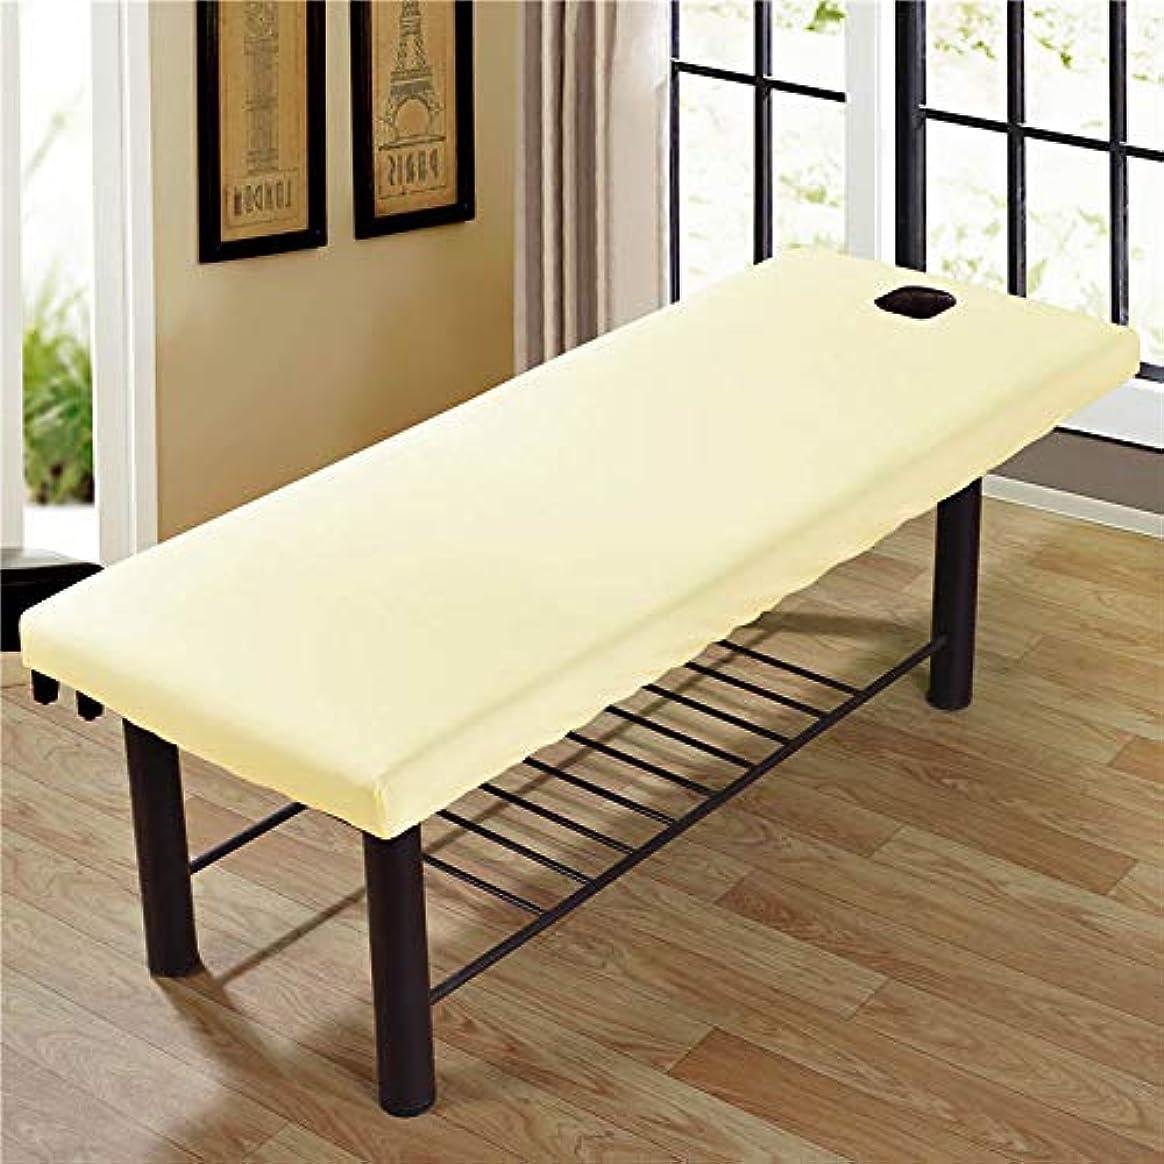 反響する判決手紙を書くAylincool 美容院のマッサージ療法のベッドのための柔らかいSoliod色の長方形のマットレス